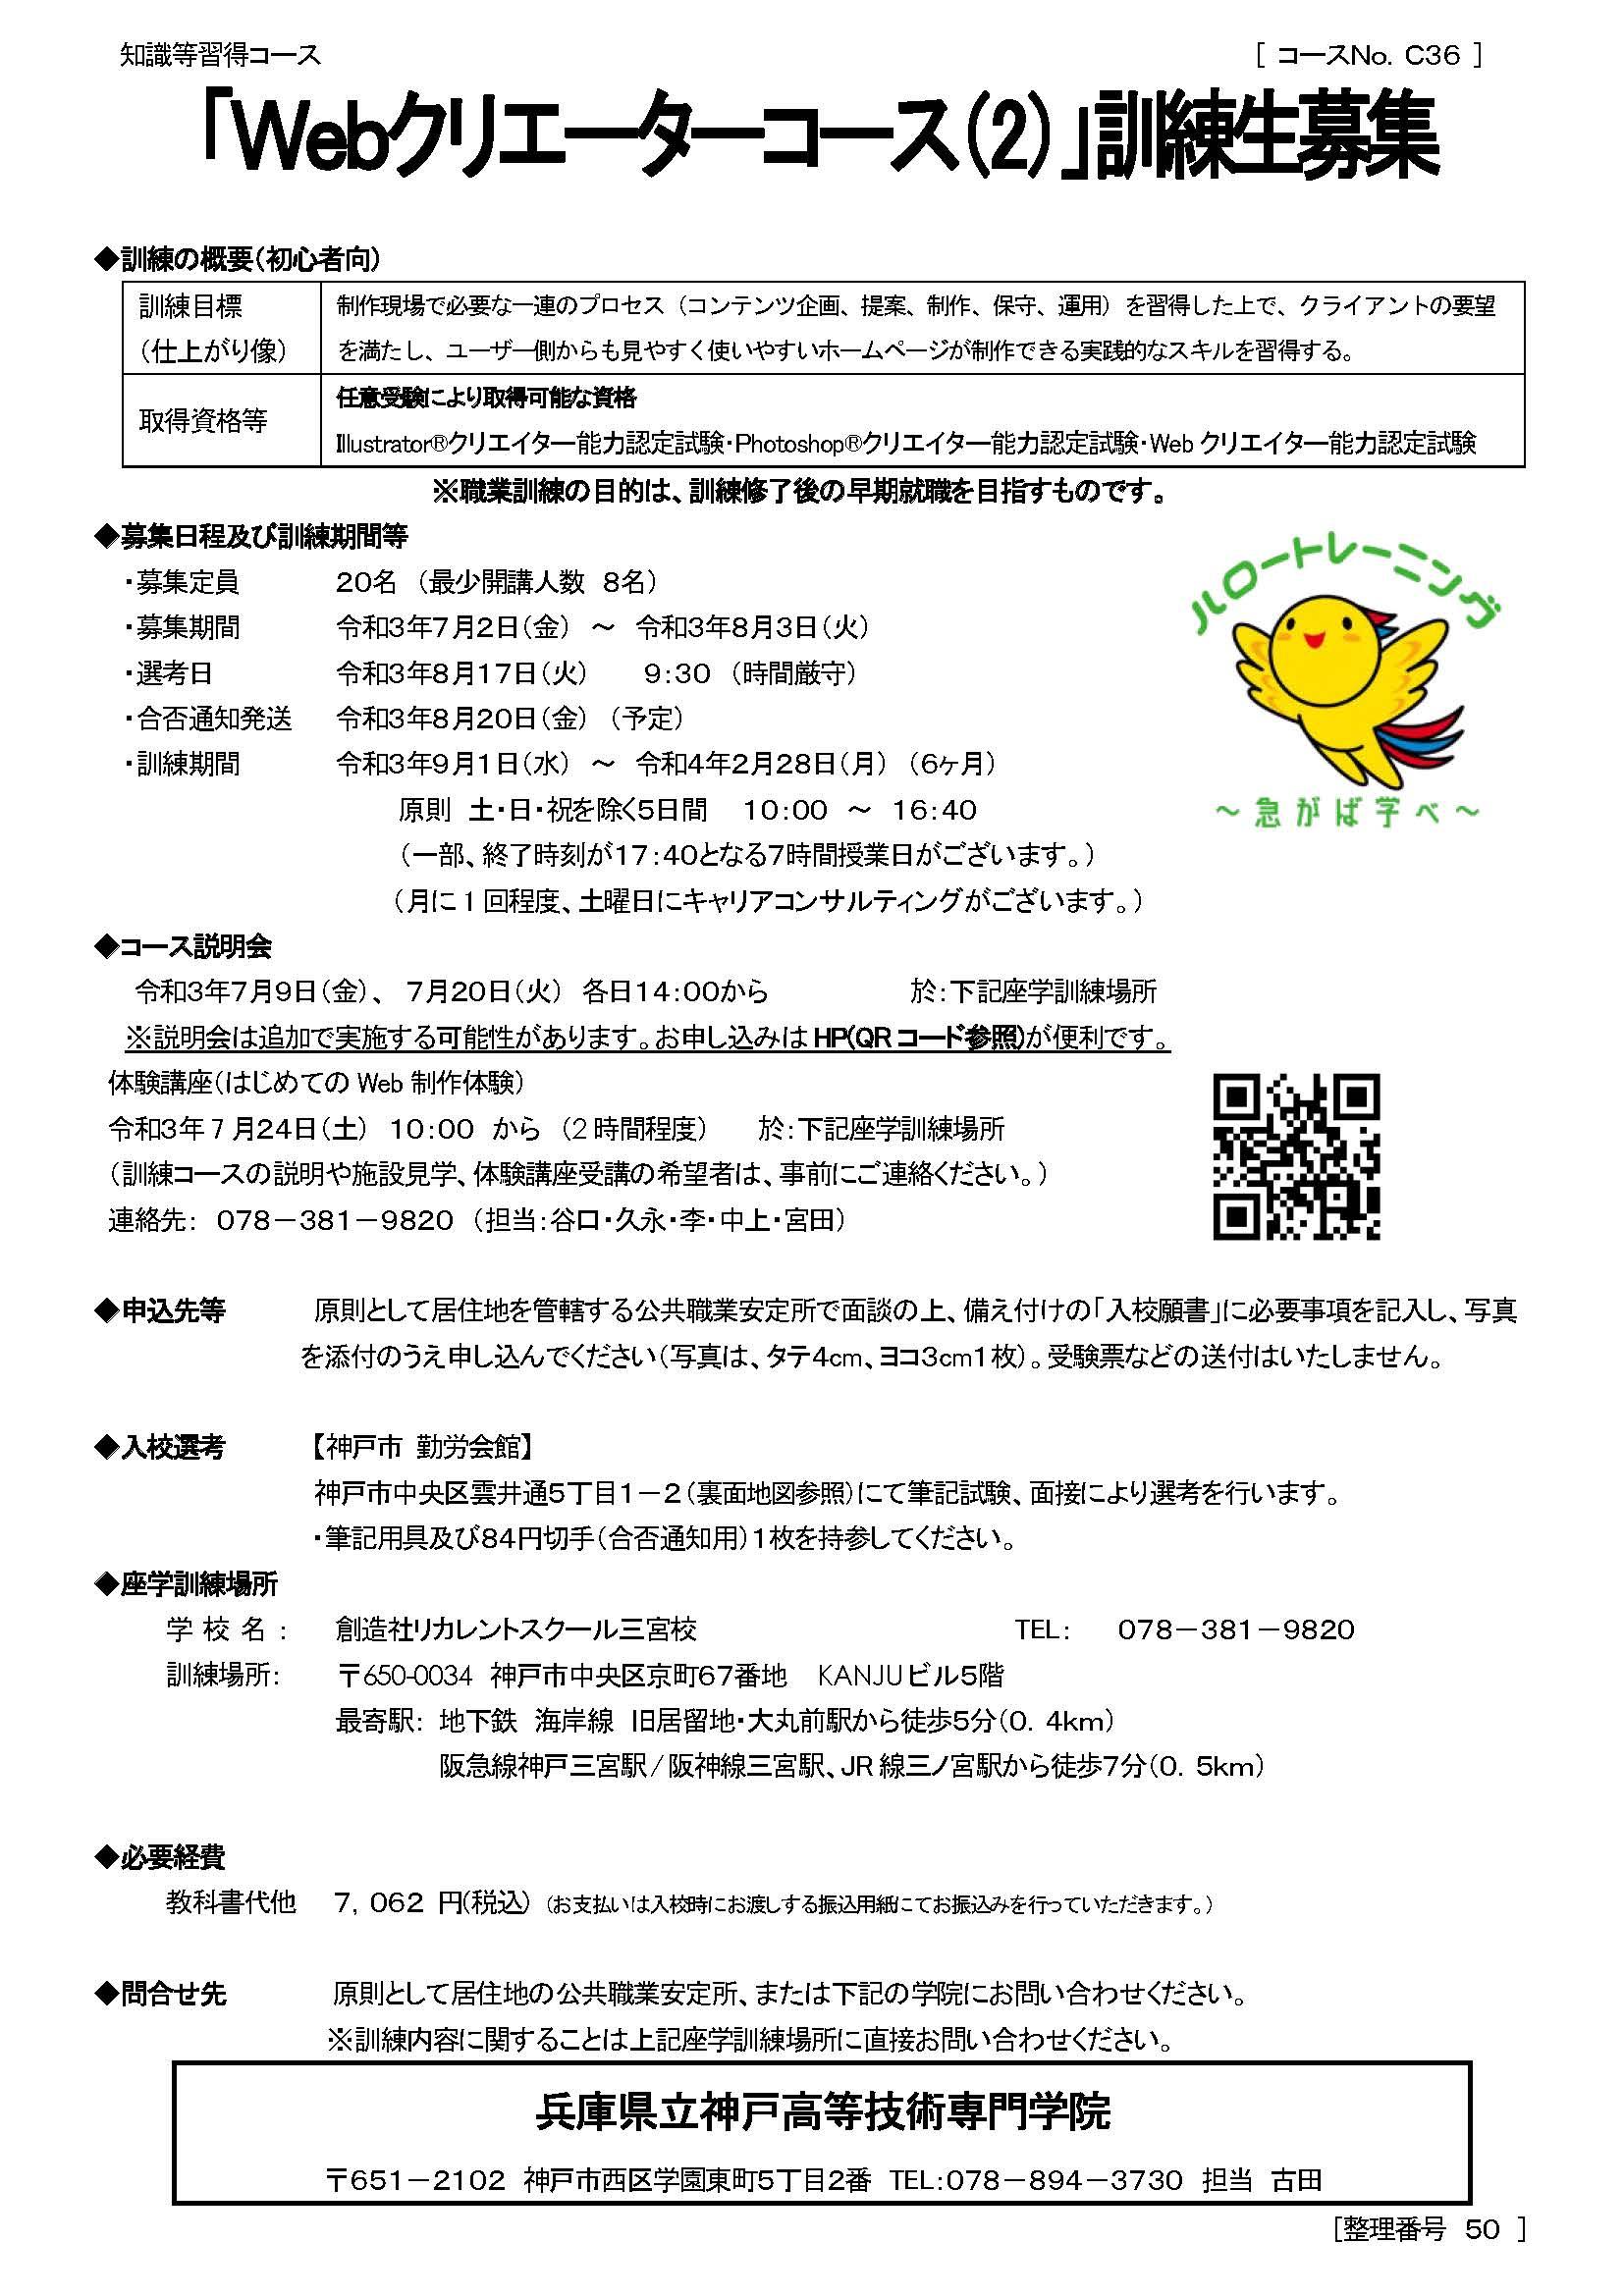 学校法人創造社学園創造社リカレントスクール Webクリエーターコース(2)